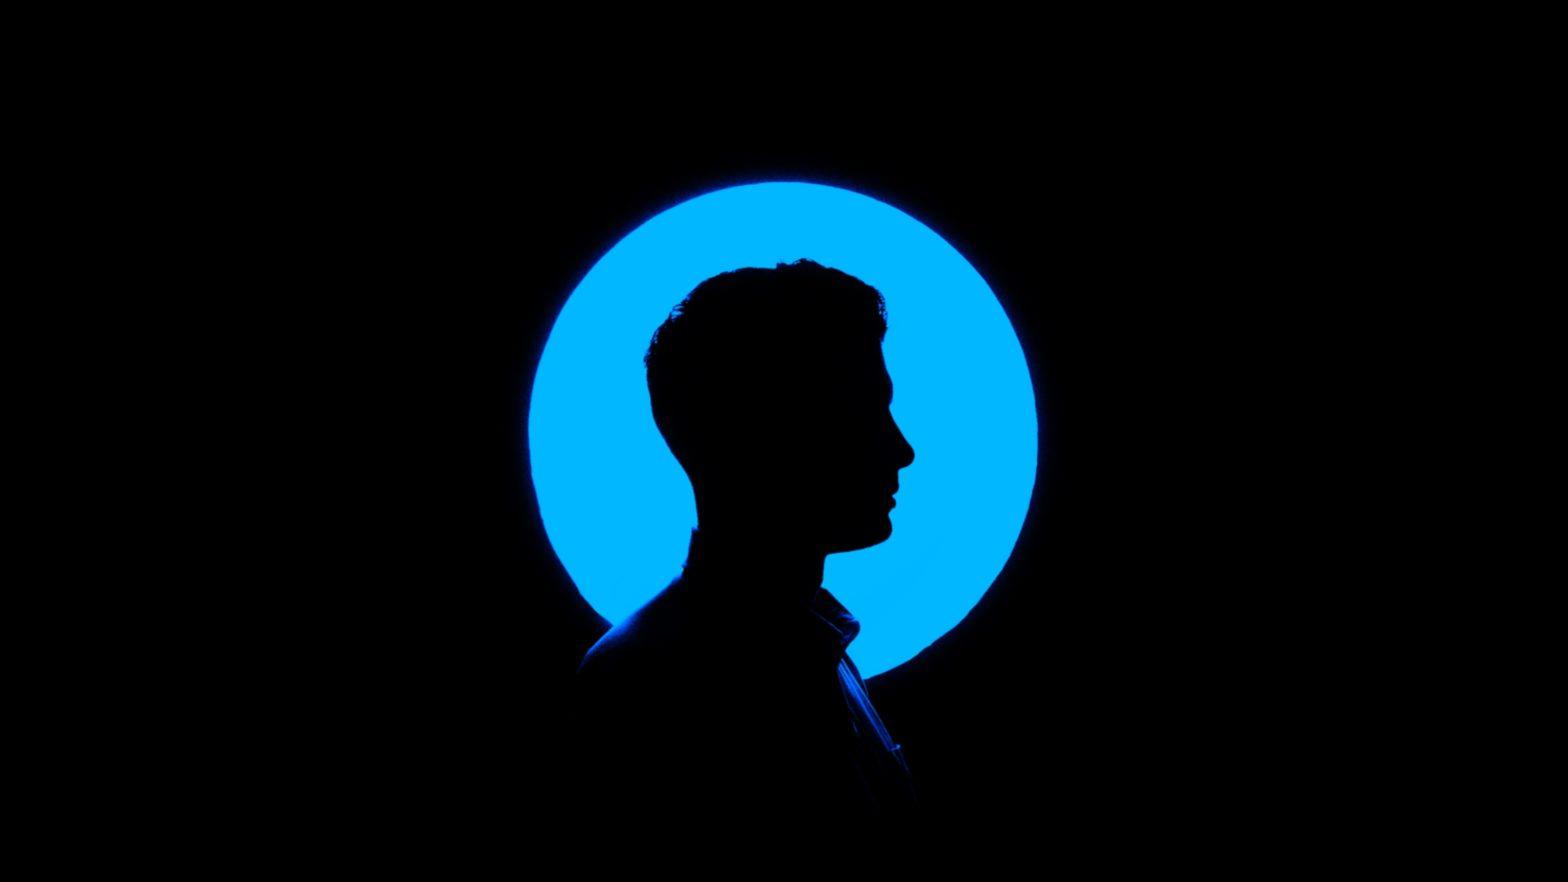 Profile of a person.